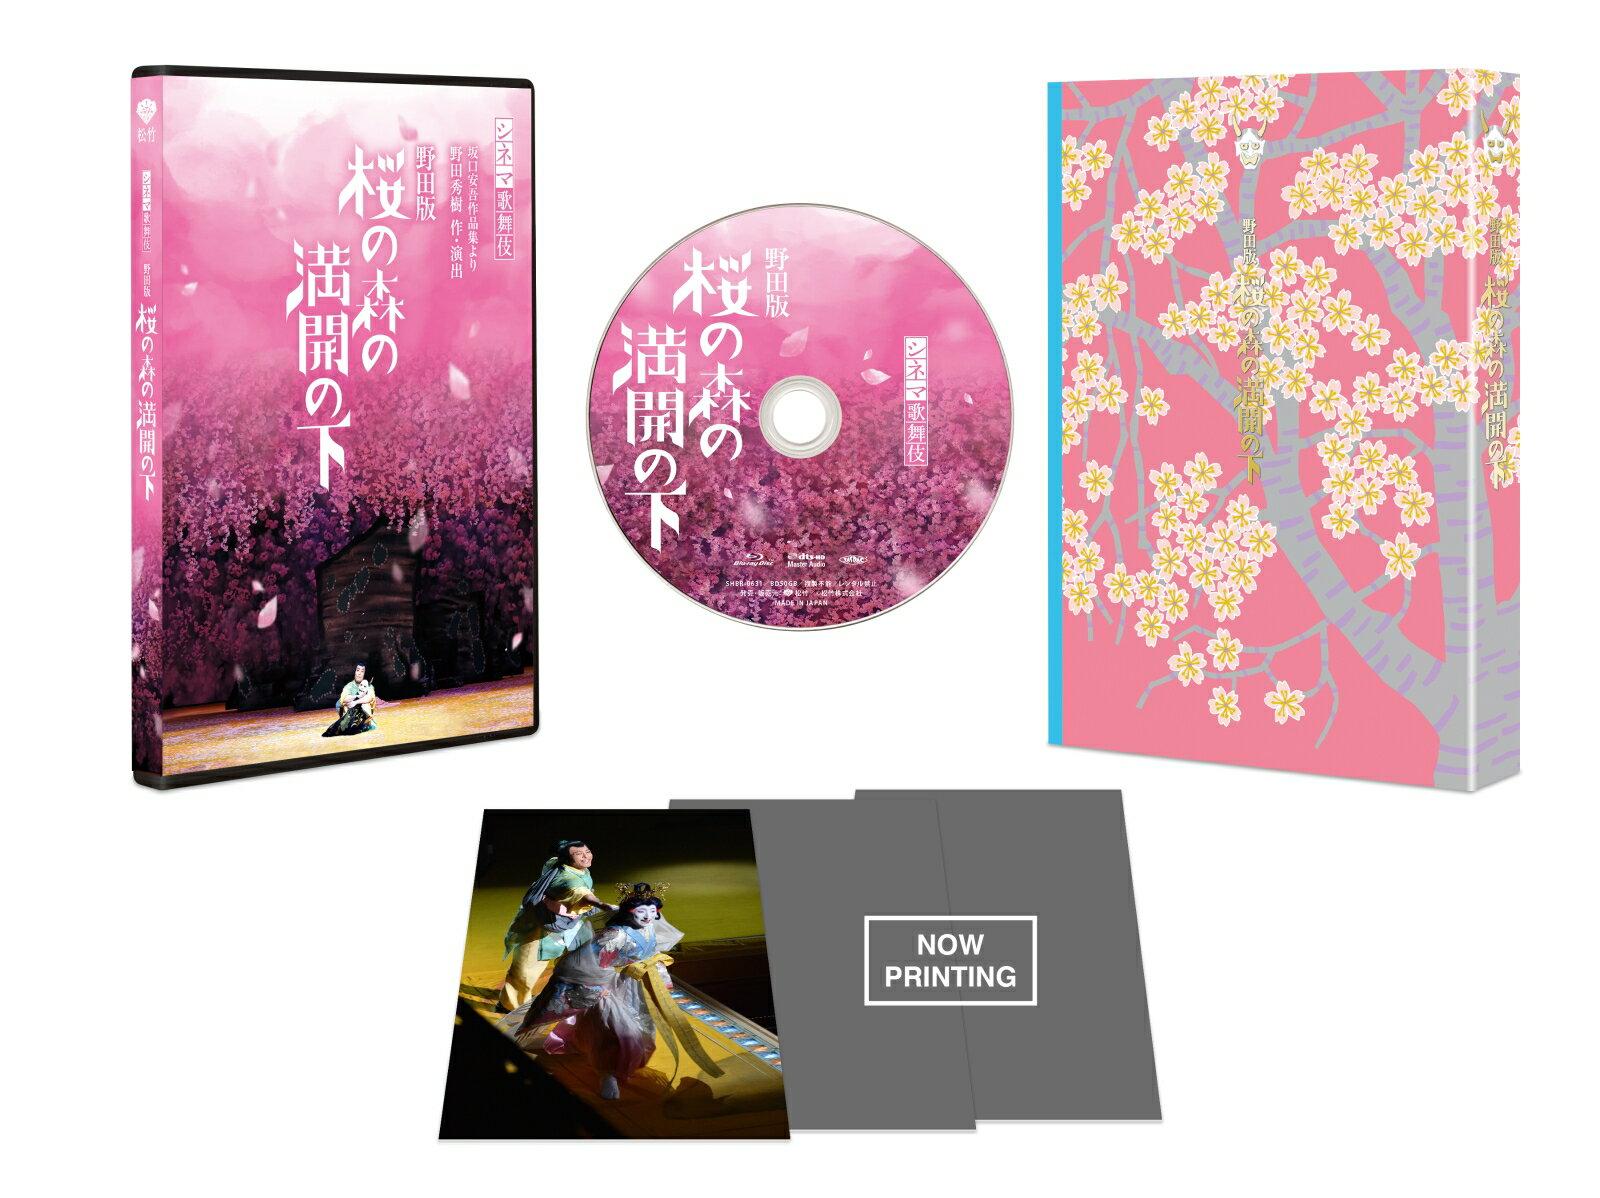 シネマ歌舞伎 野田版 桜の森の満開の下【Blu-ray】